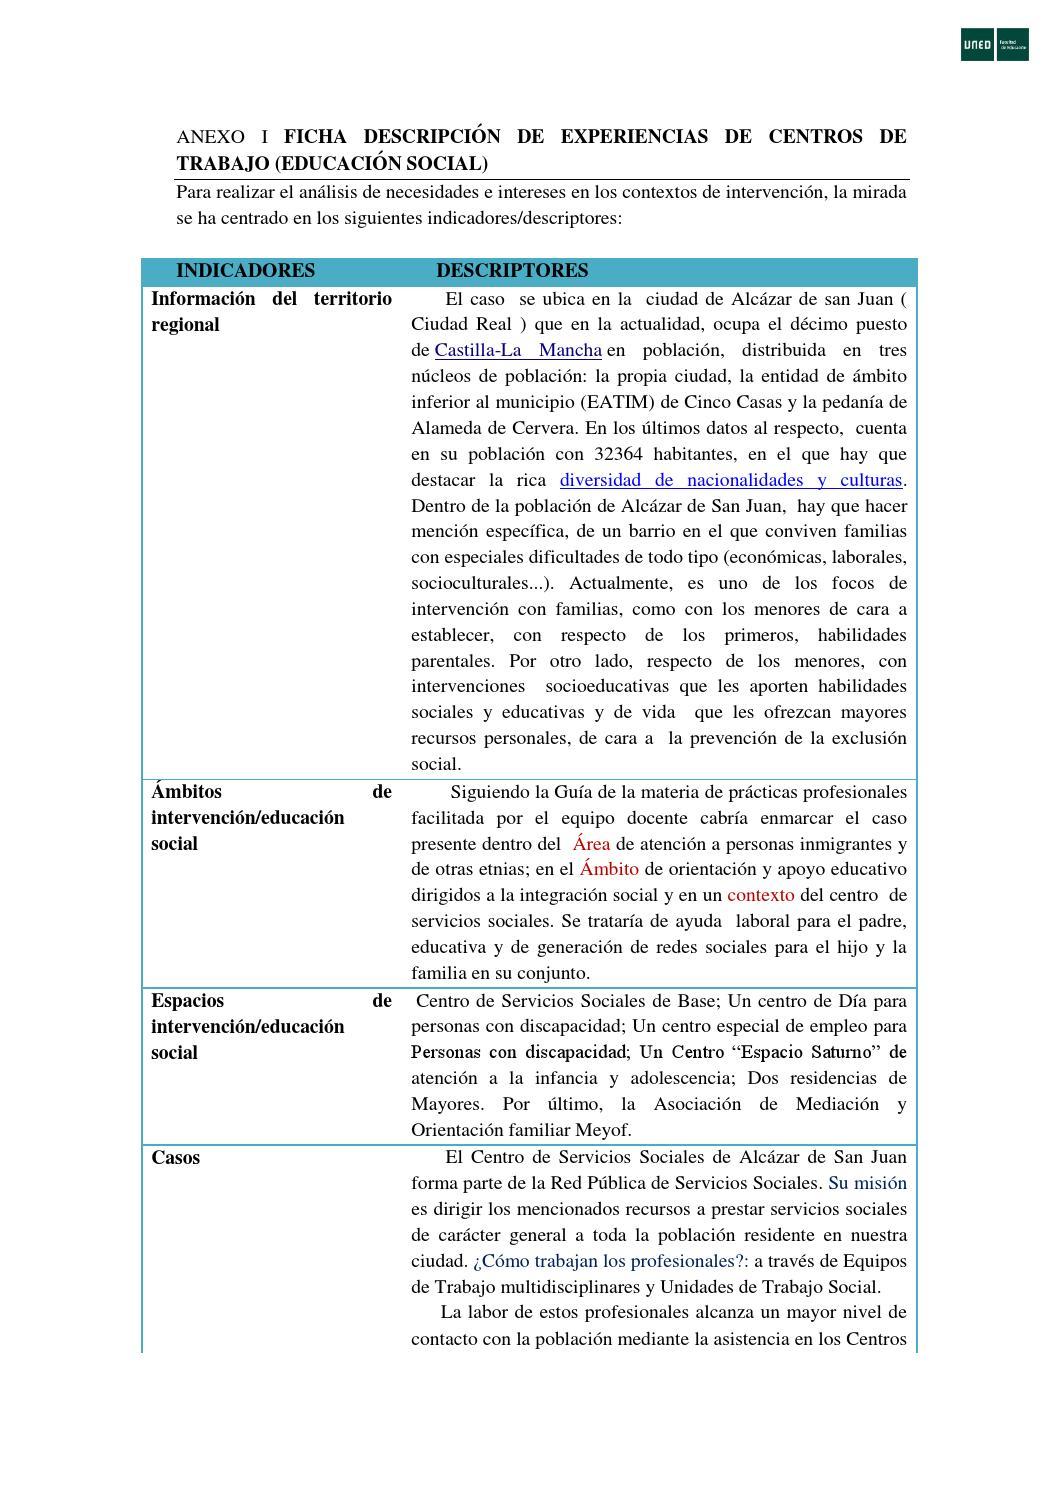 Anexo i ficha descripción experiencias (caso 1) by Miguel Ángel - issuu